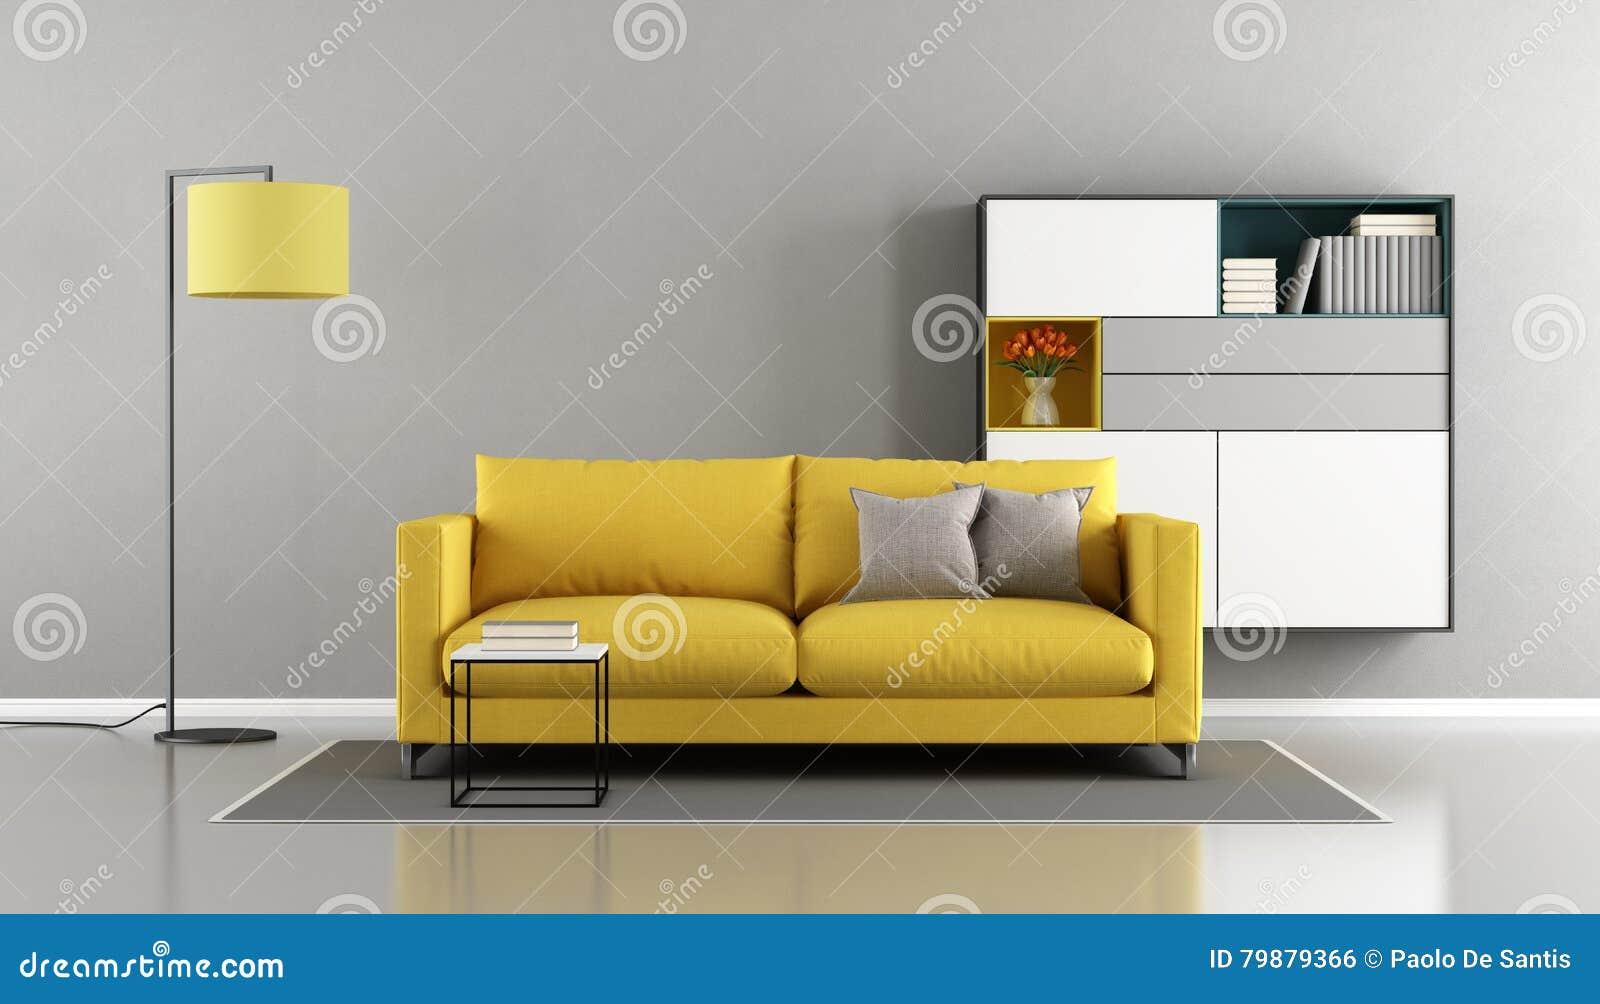 Modernes Wohnzimmer Mit Gelber Couch Stock Abbildung - Illustration ...